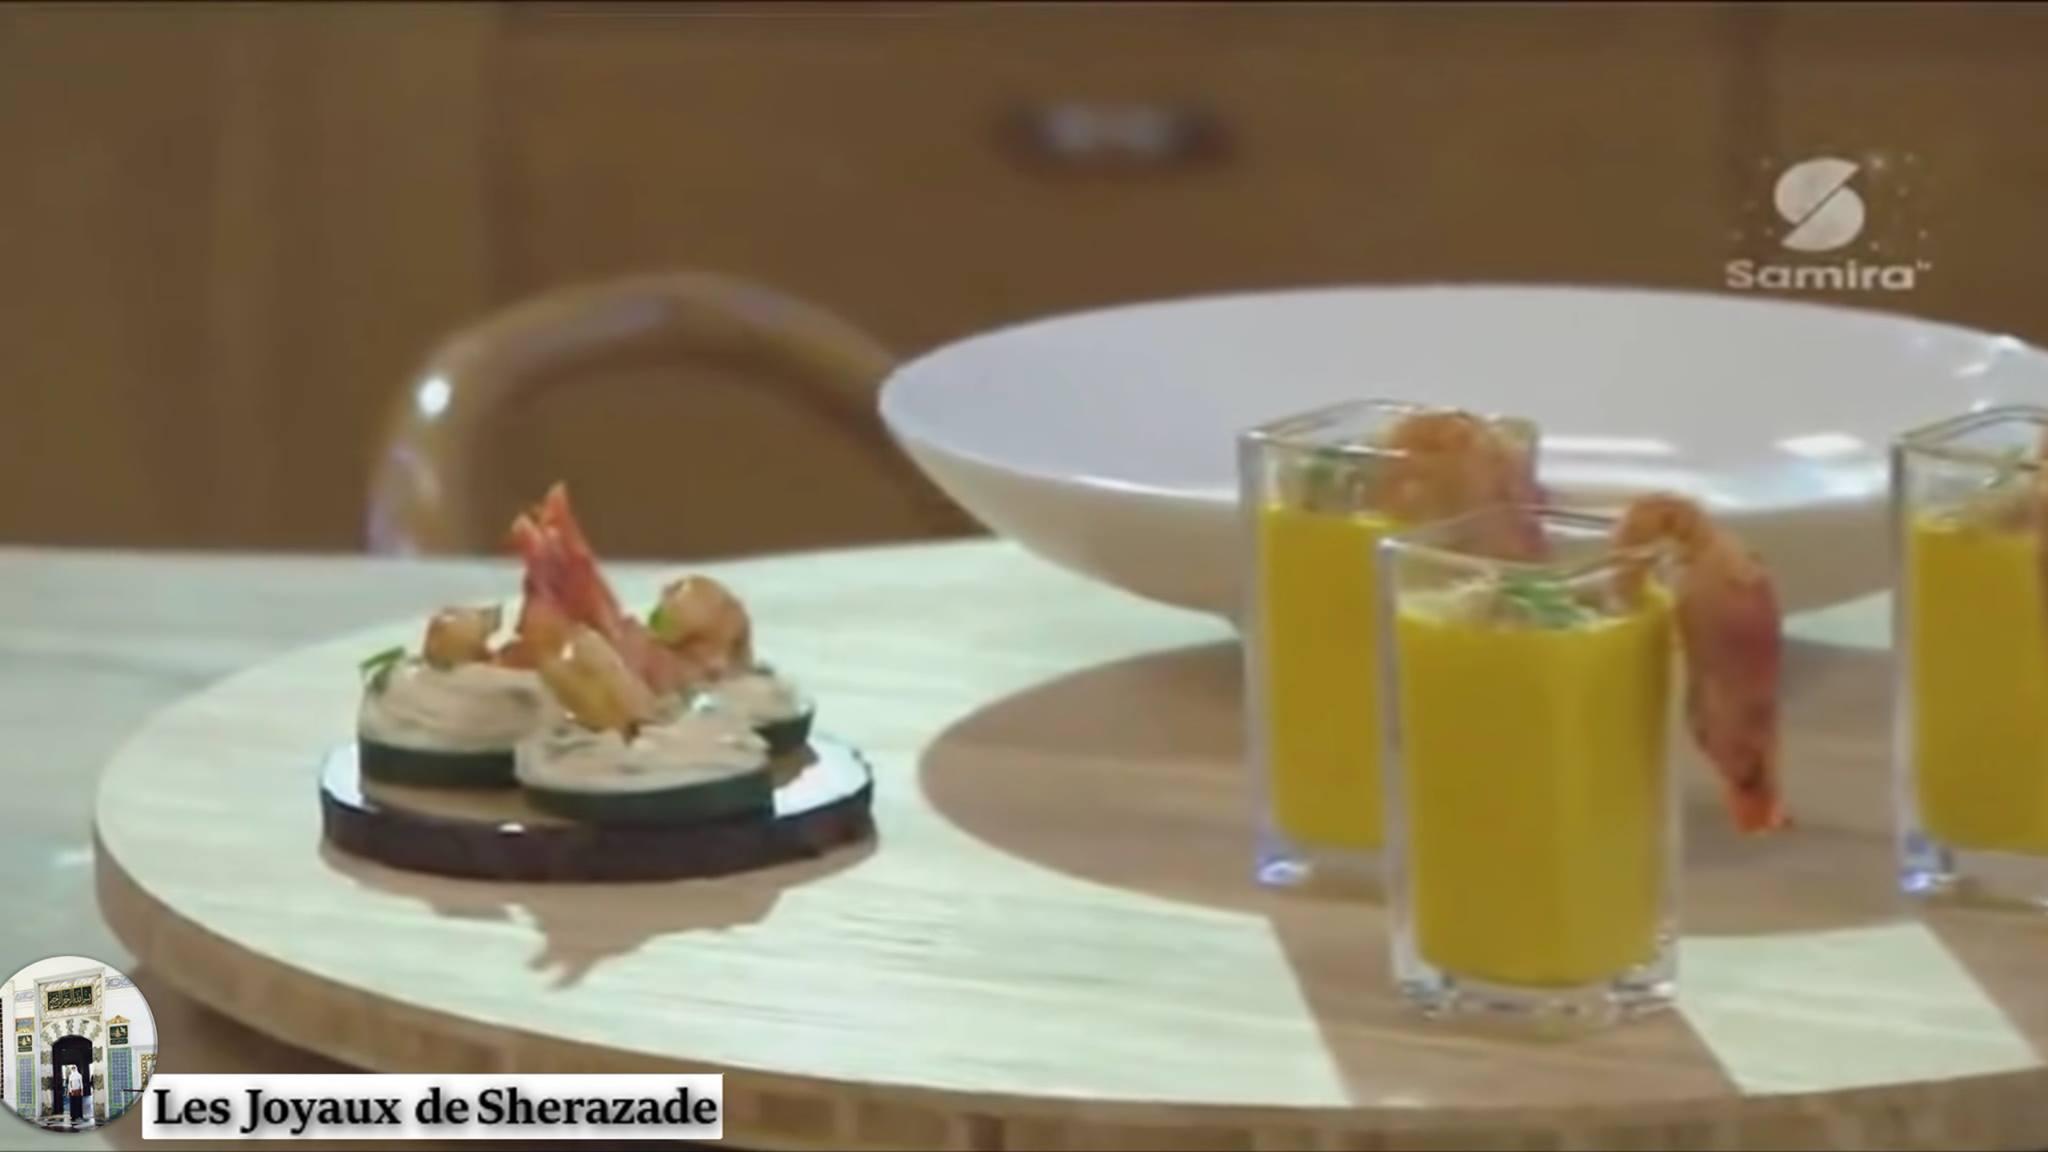 Chtitha, soupe, verrine et amuse bouche de crevettes